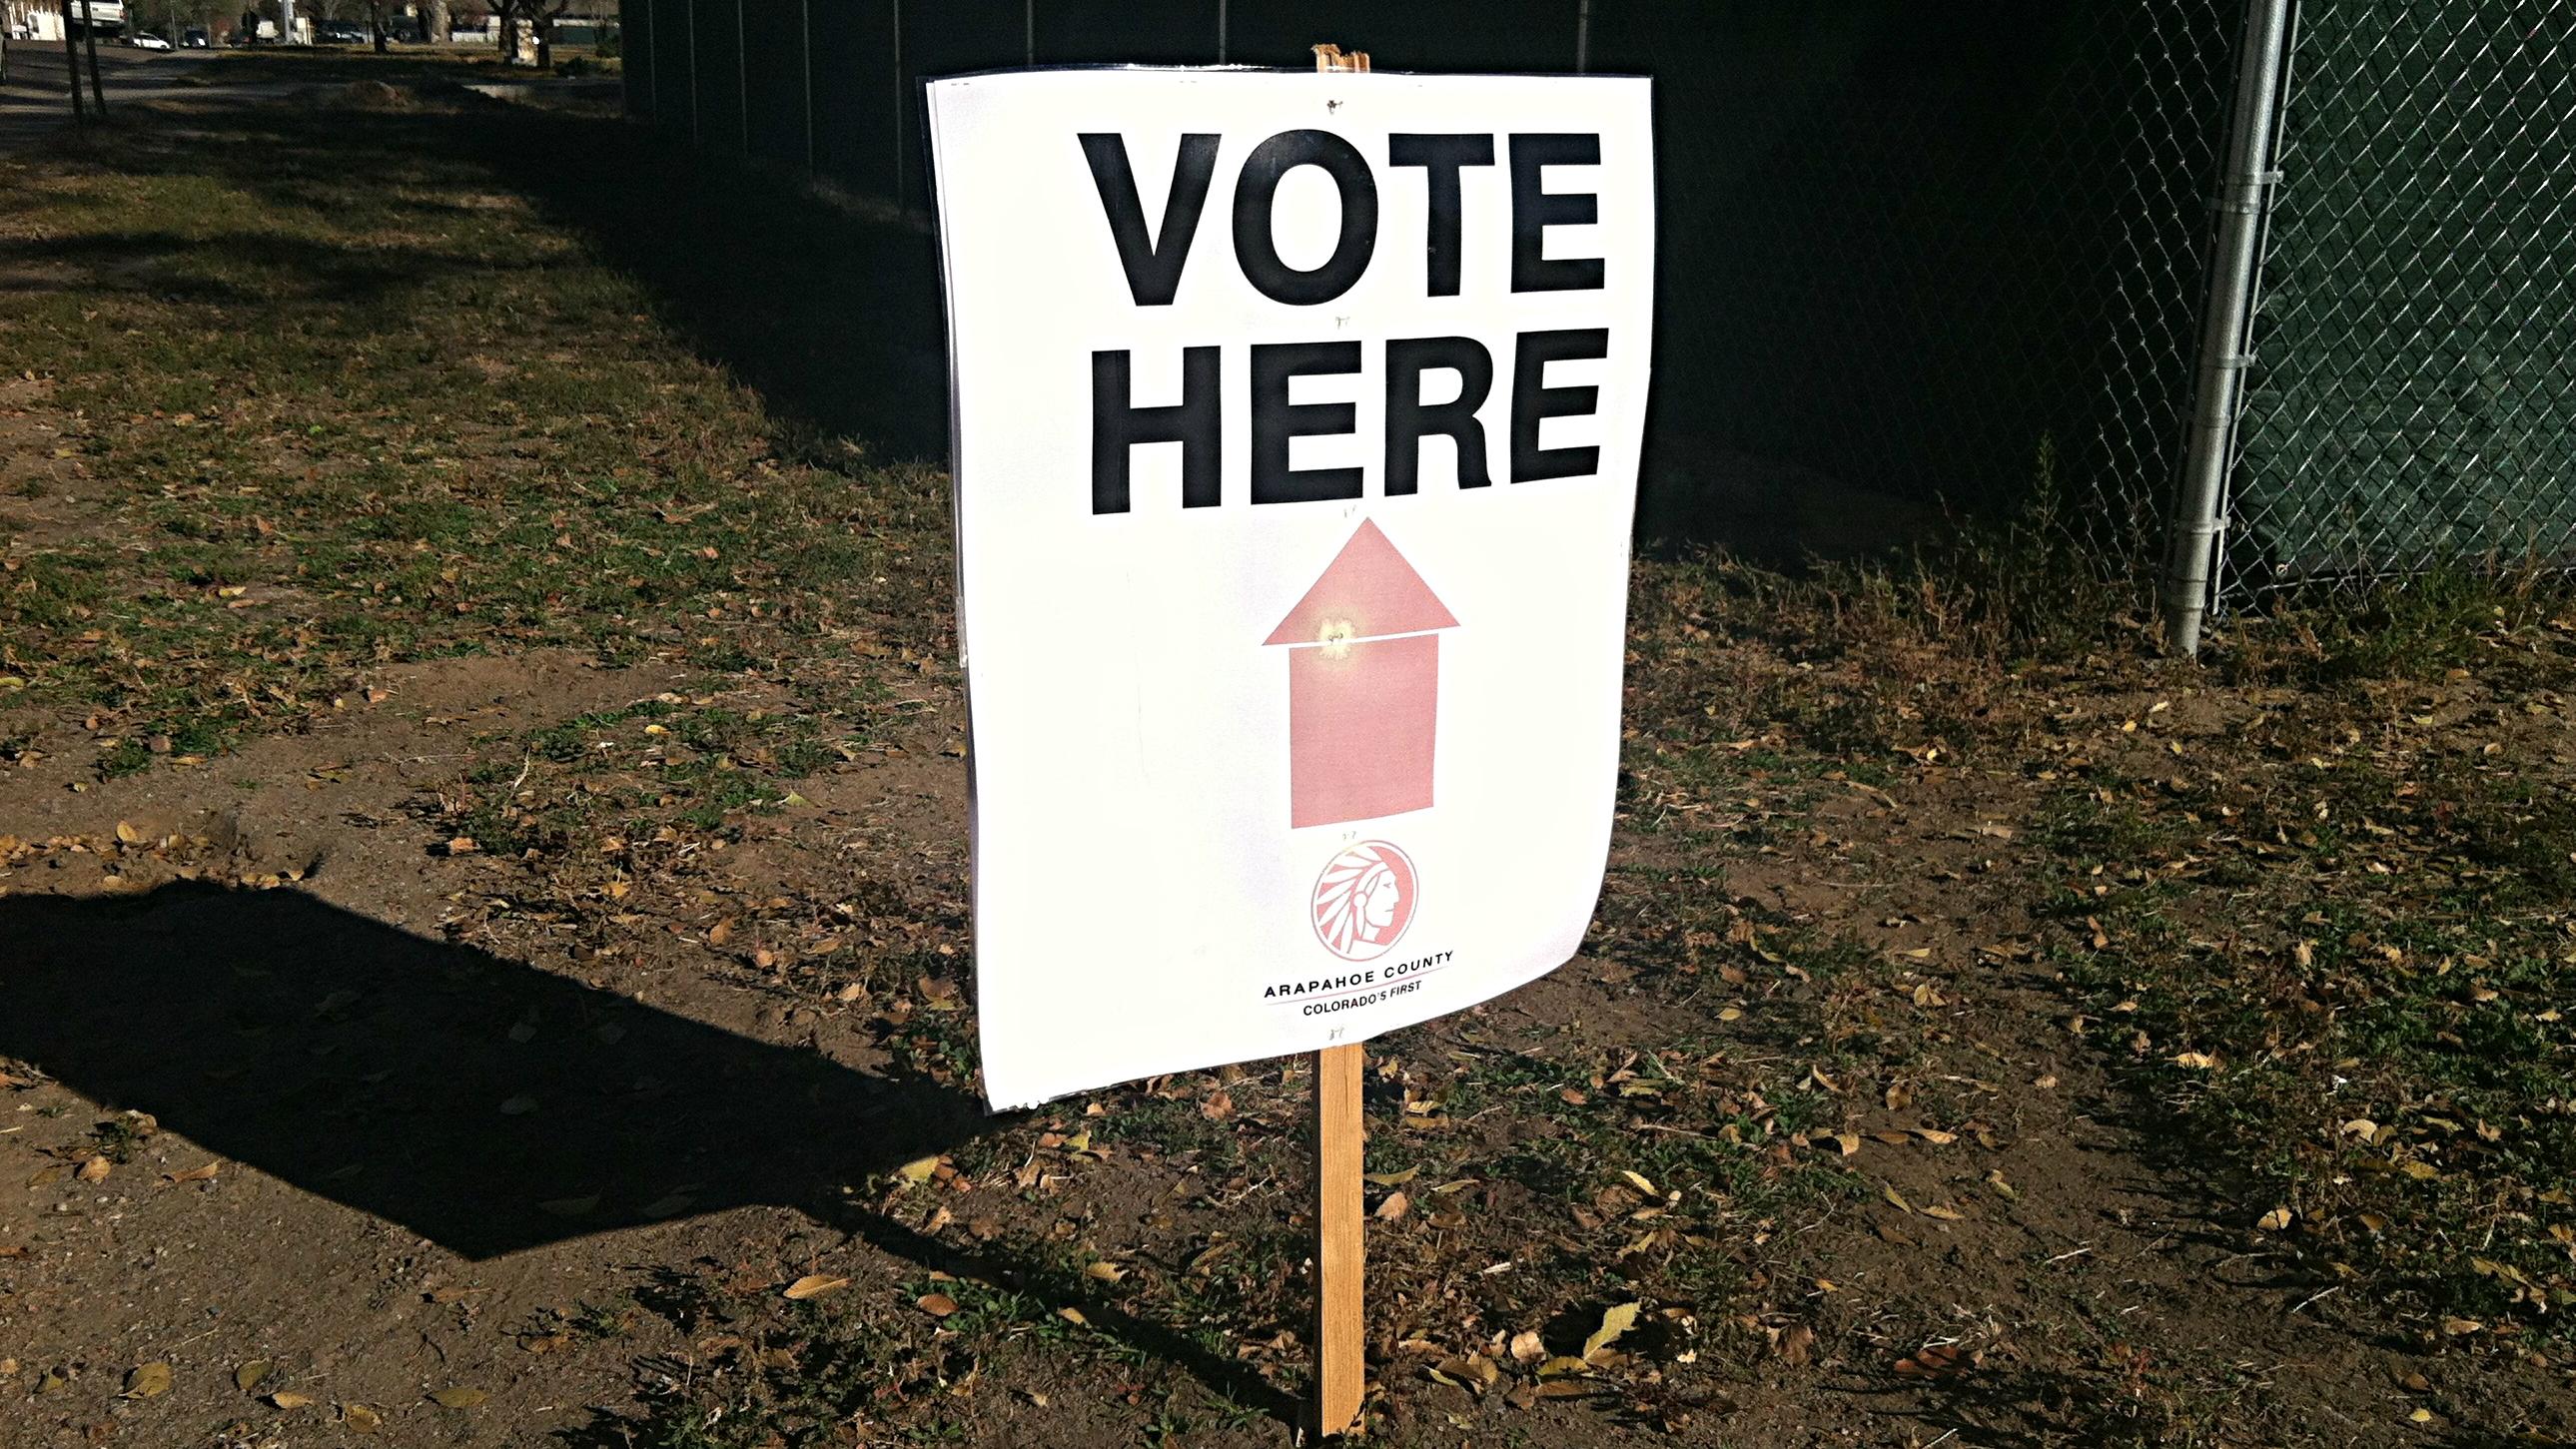 Photo: Vote here